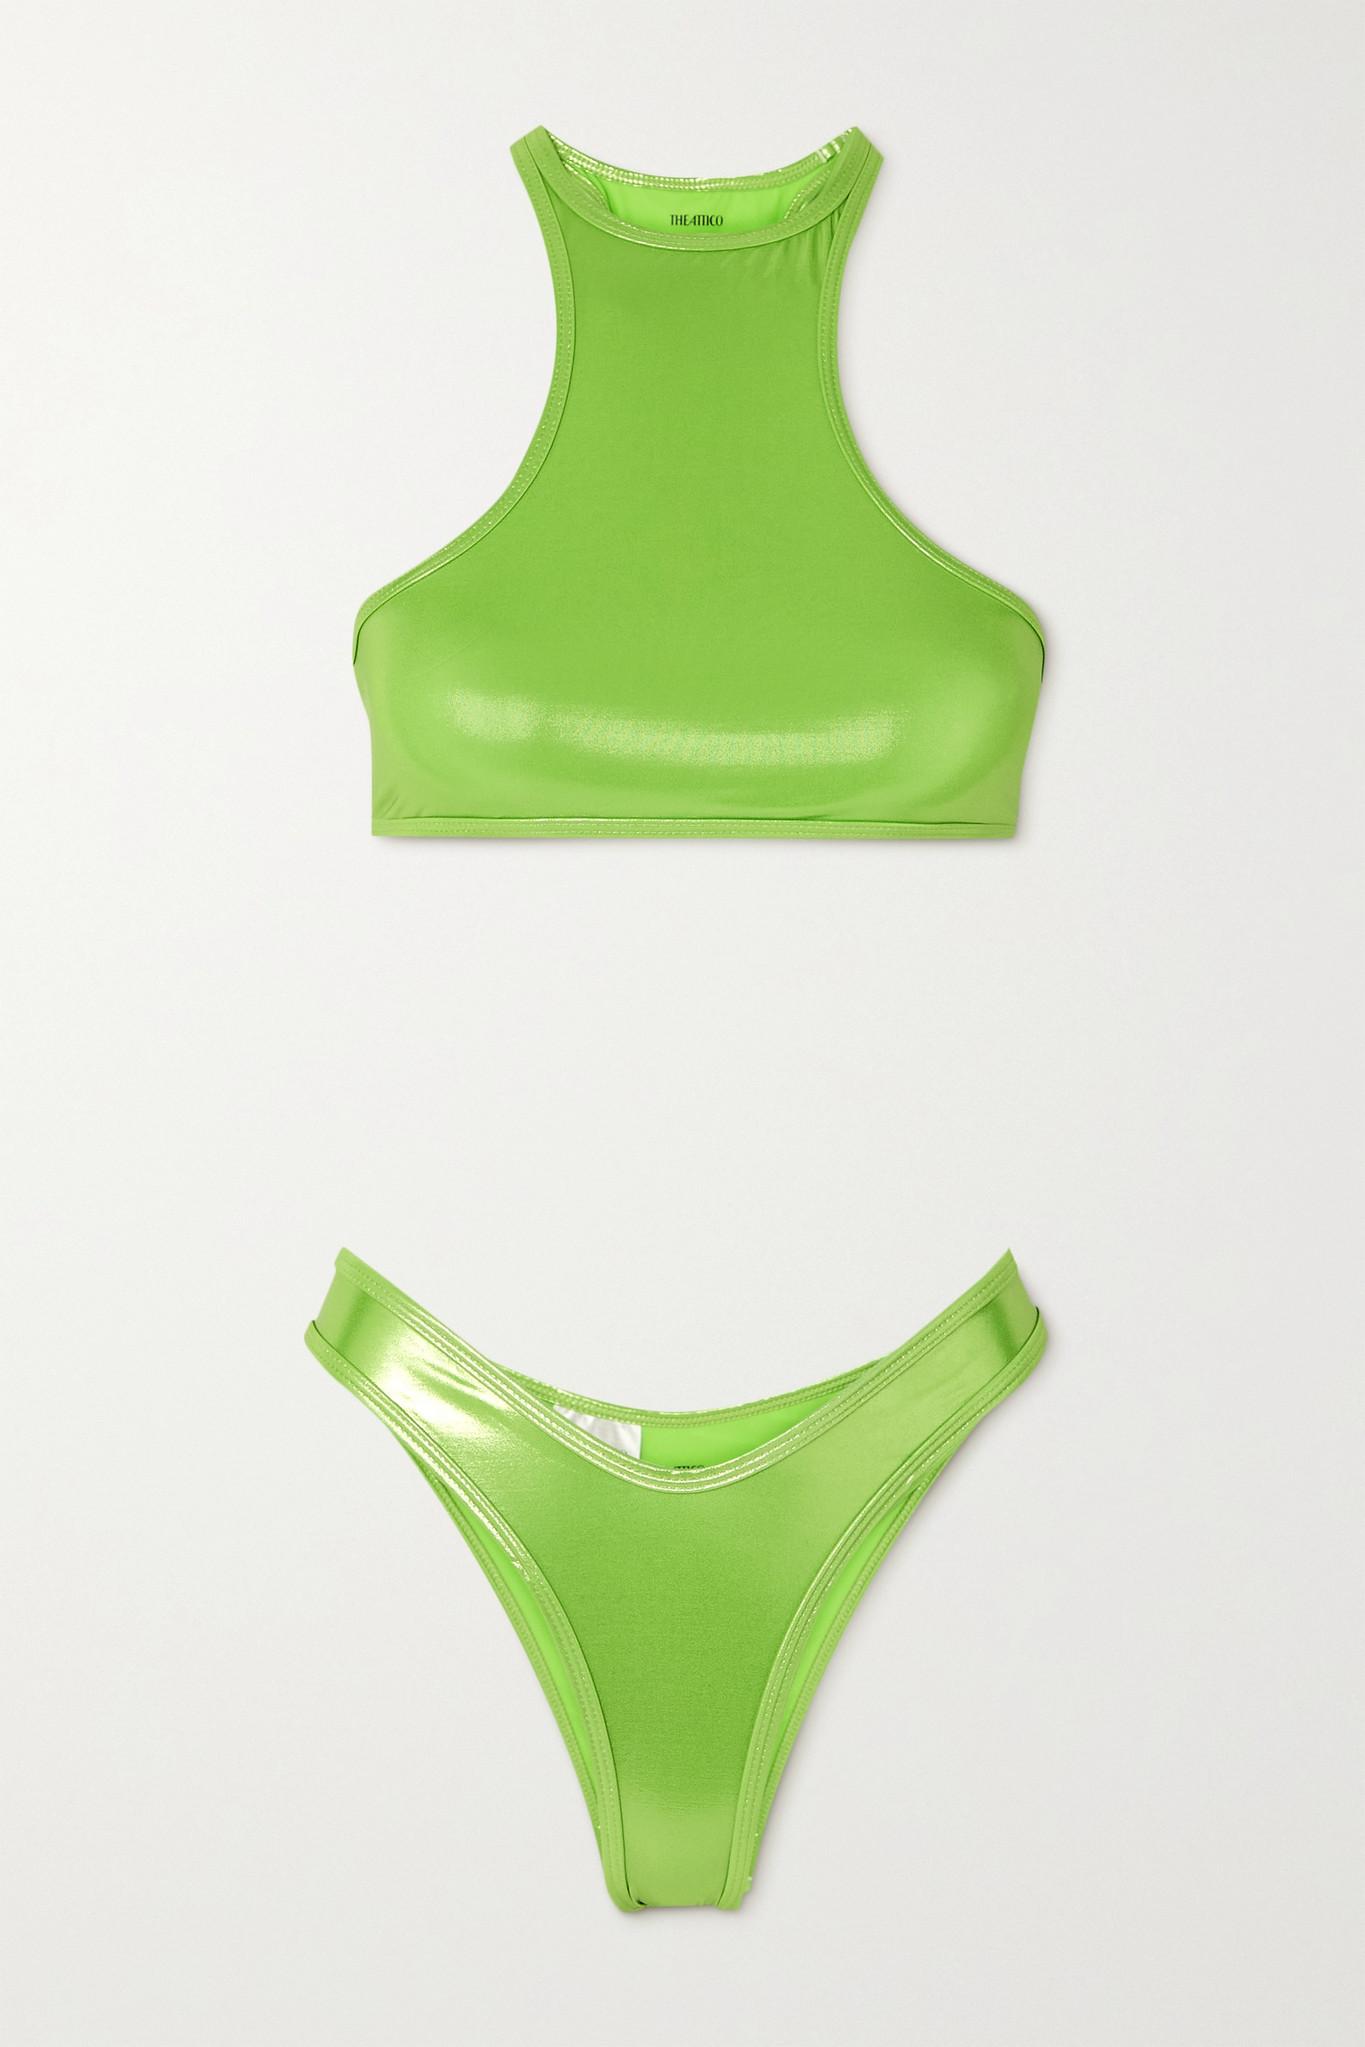 THE ATTICO - 金属感比基尼 - 绿色 - x small